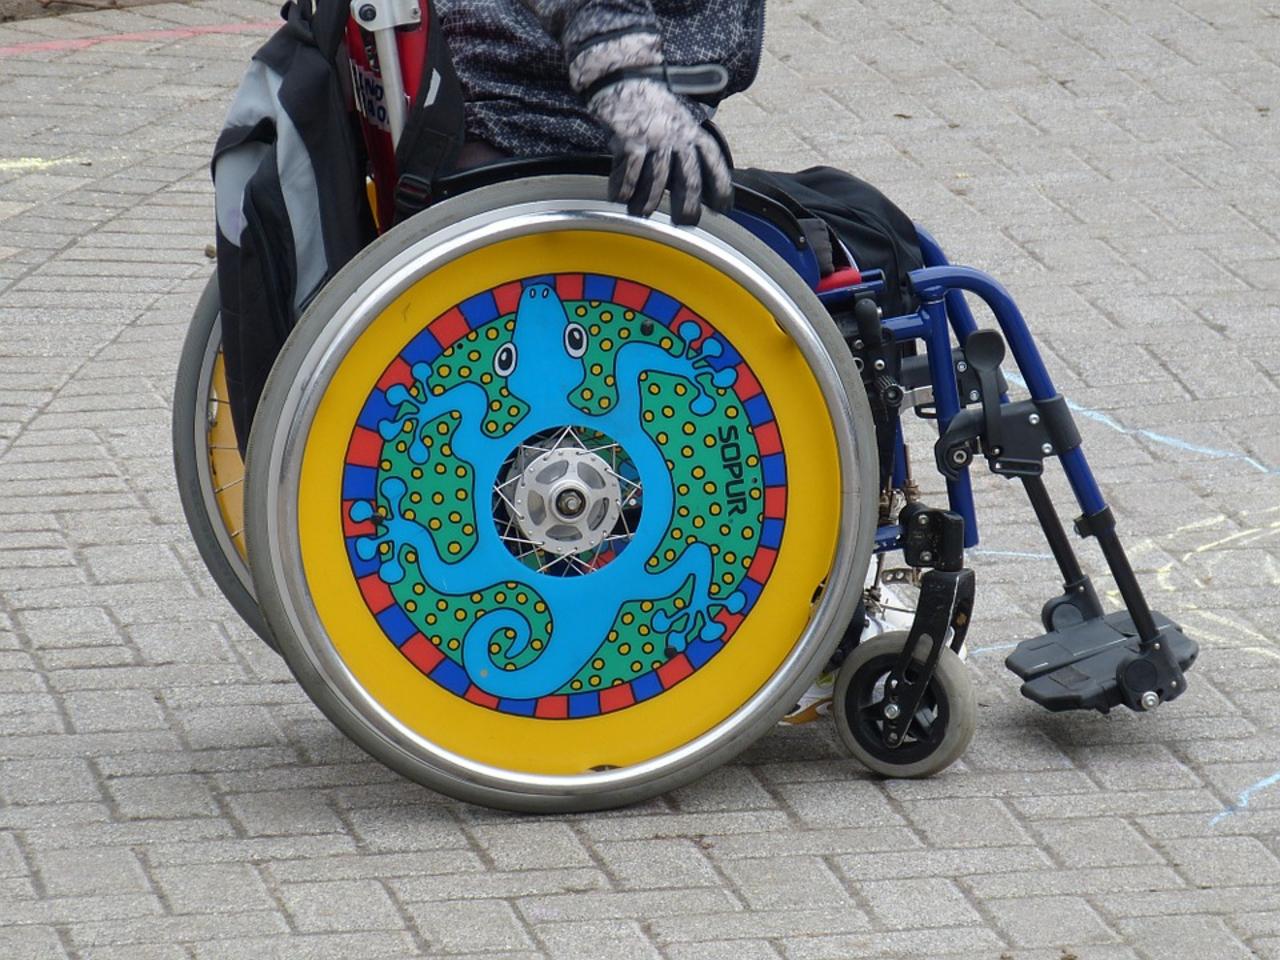 Tener una hija o hijo con una discapacidad implica vivir un duelo